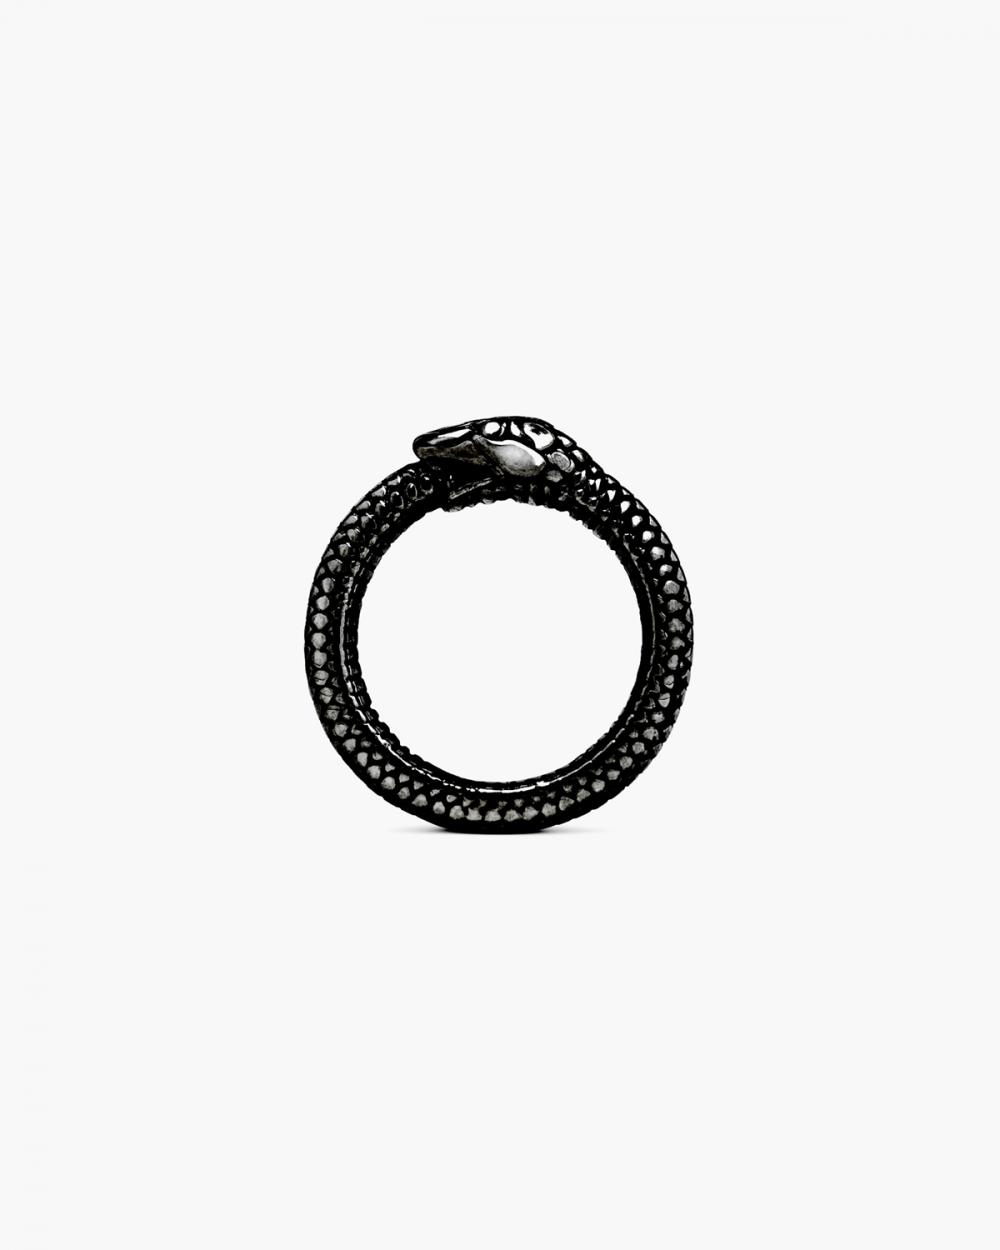 ruthenium ouroboros ring